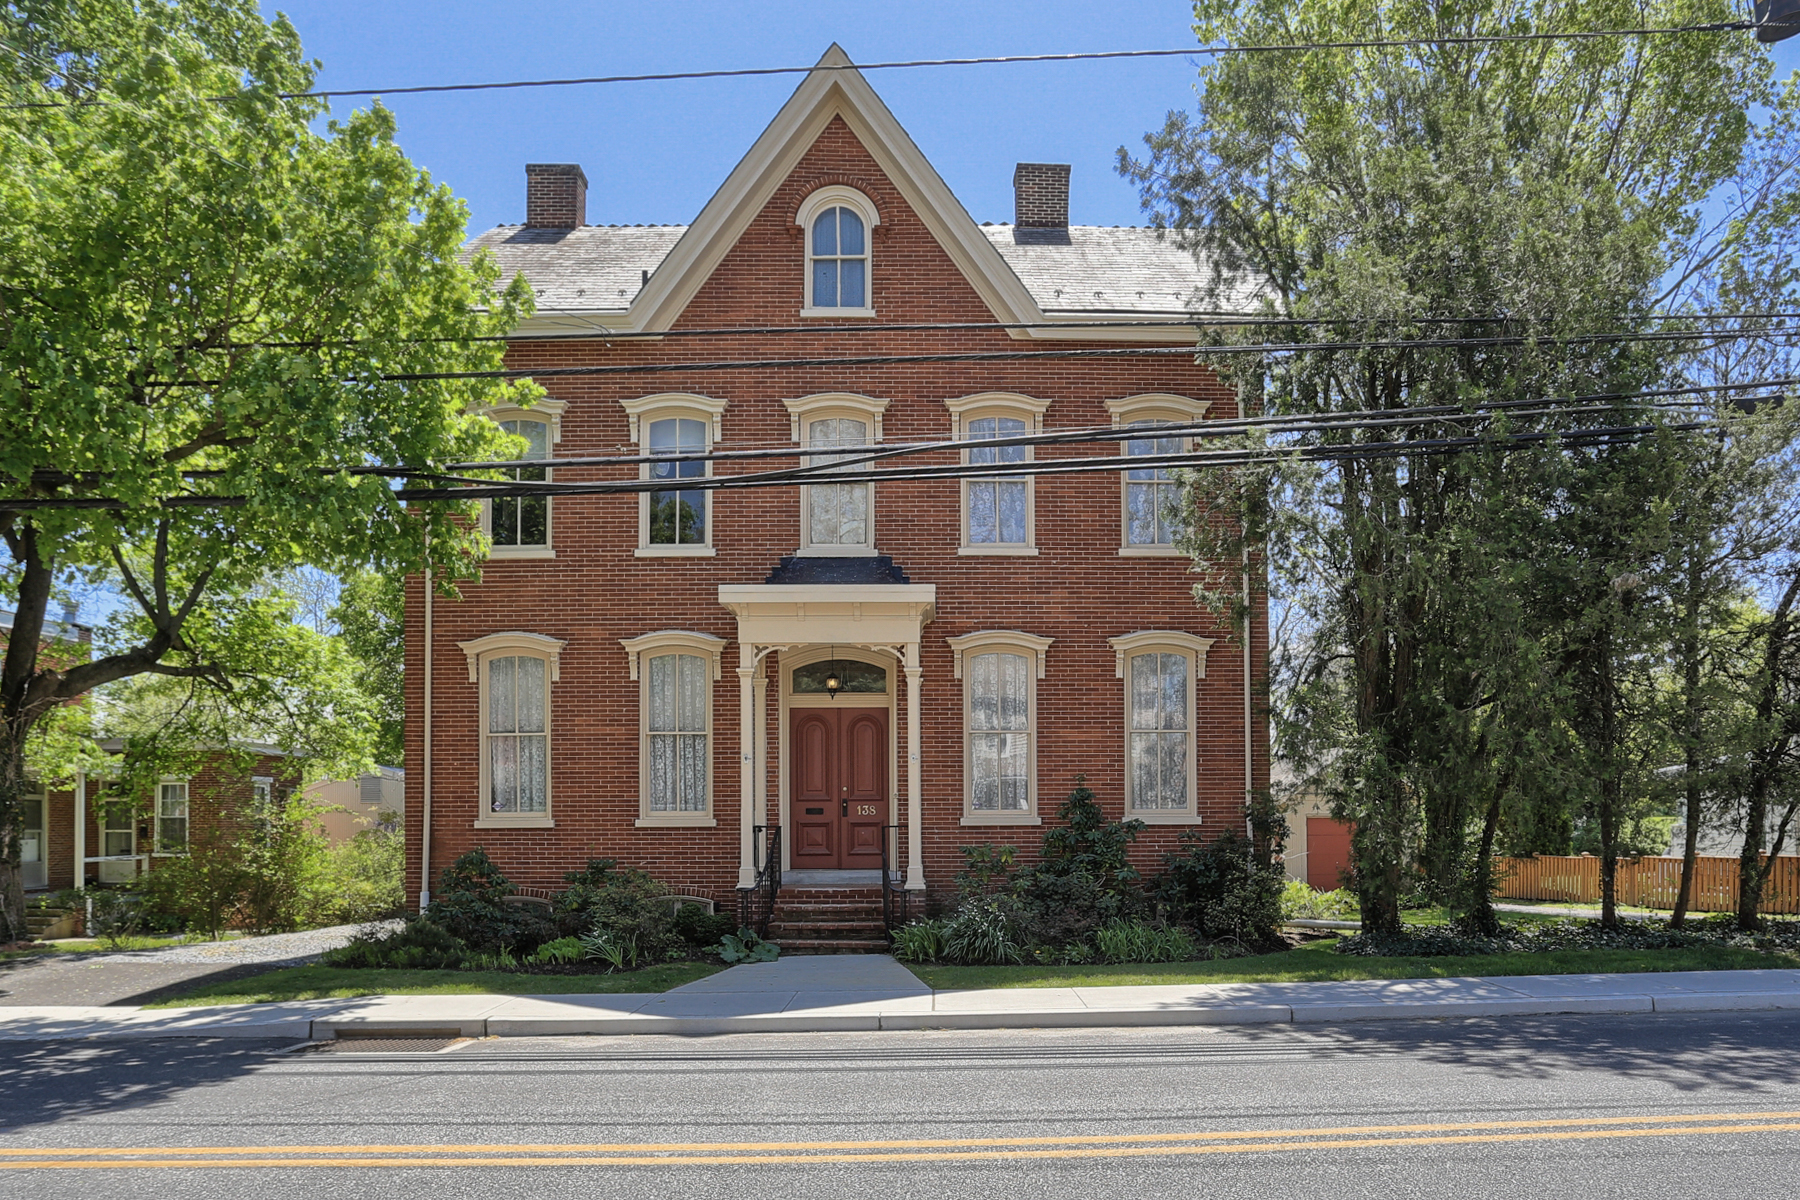 Частный односемейный дом для того Продажа на 138 West Frederick Street Millersville, 17551 Соединенные Штаты